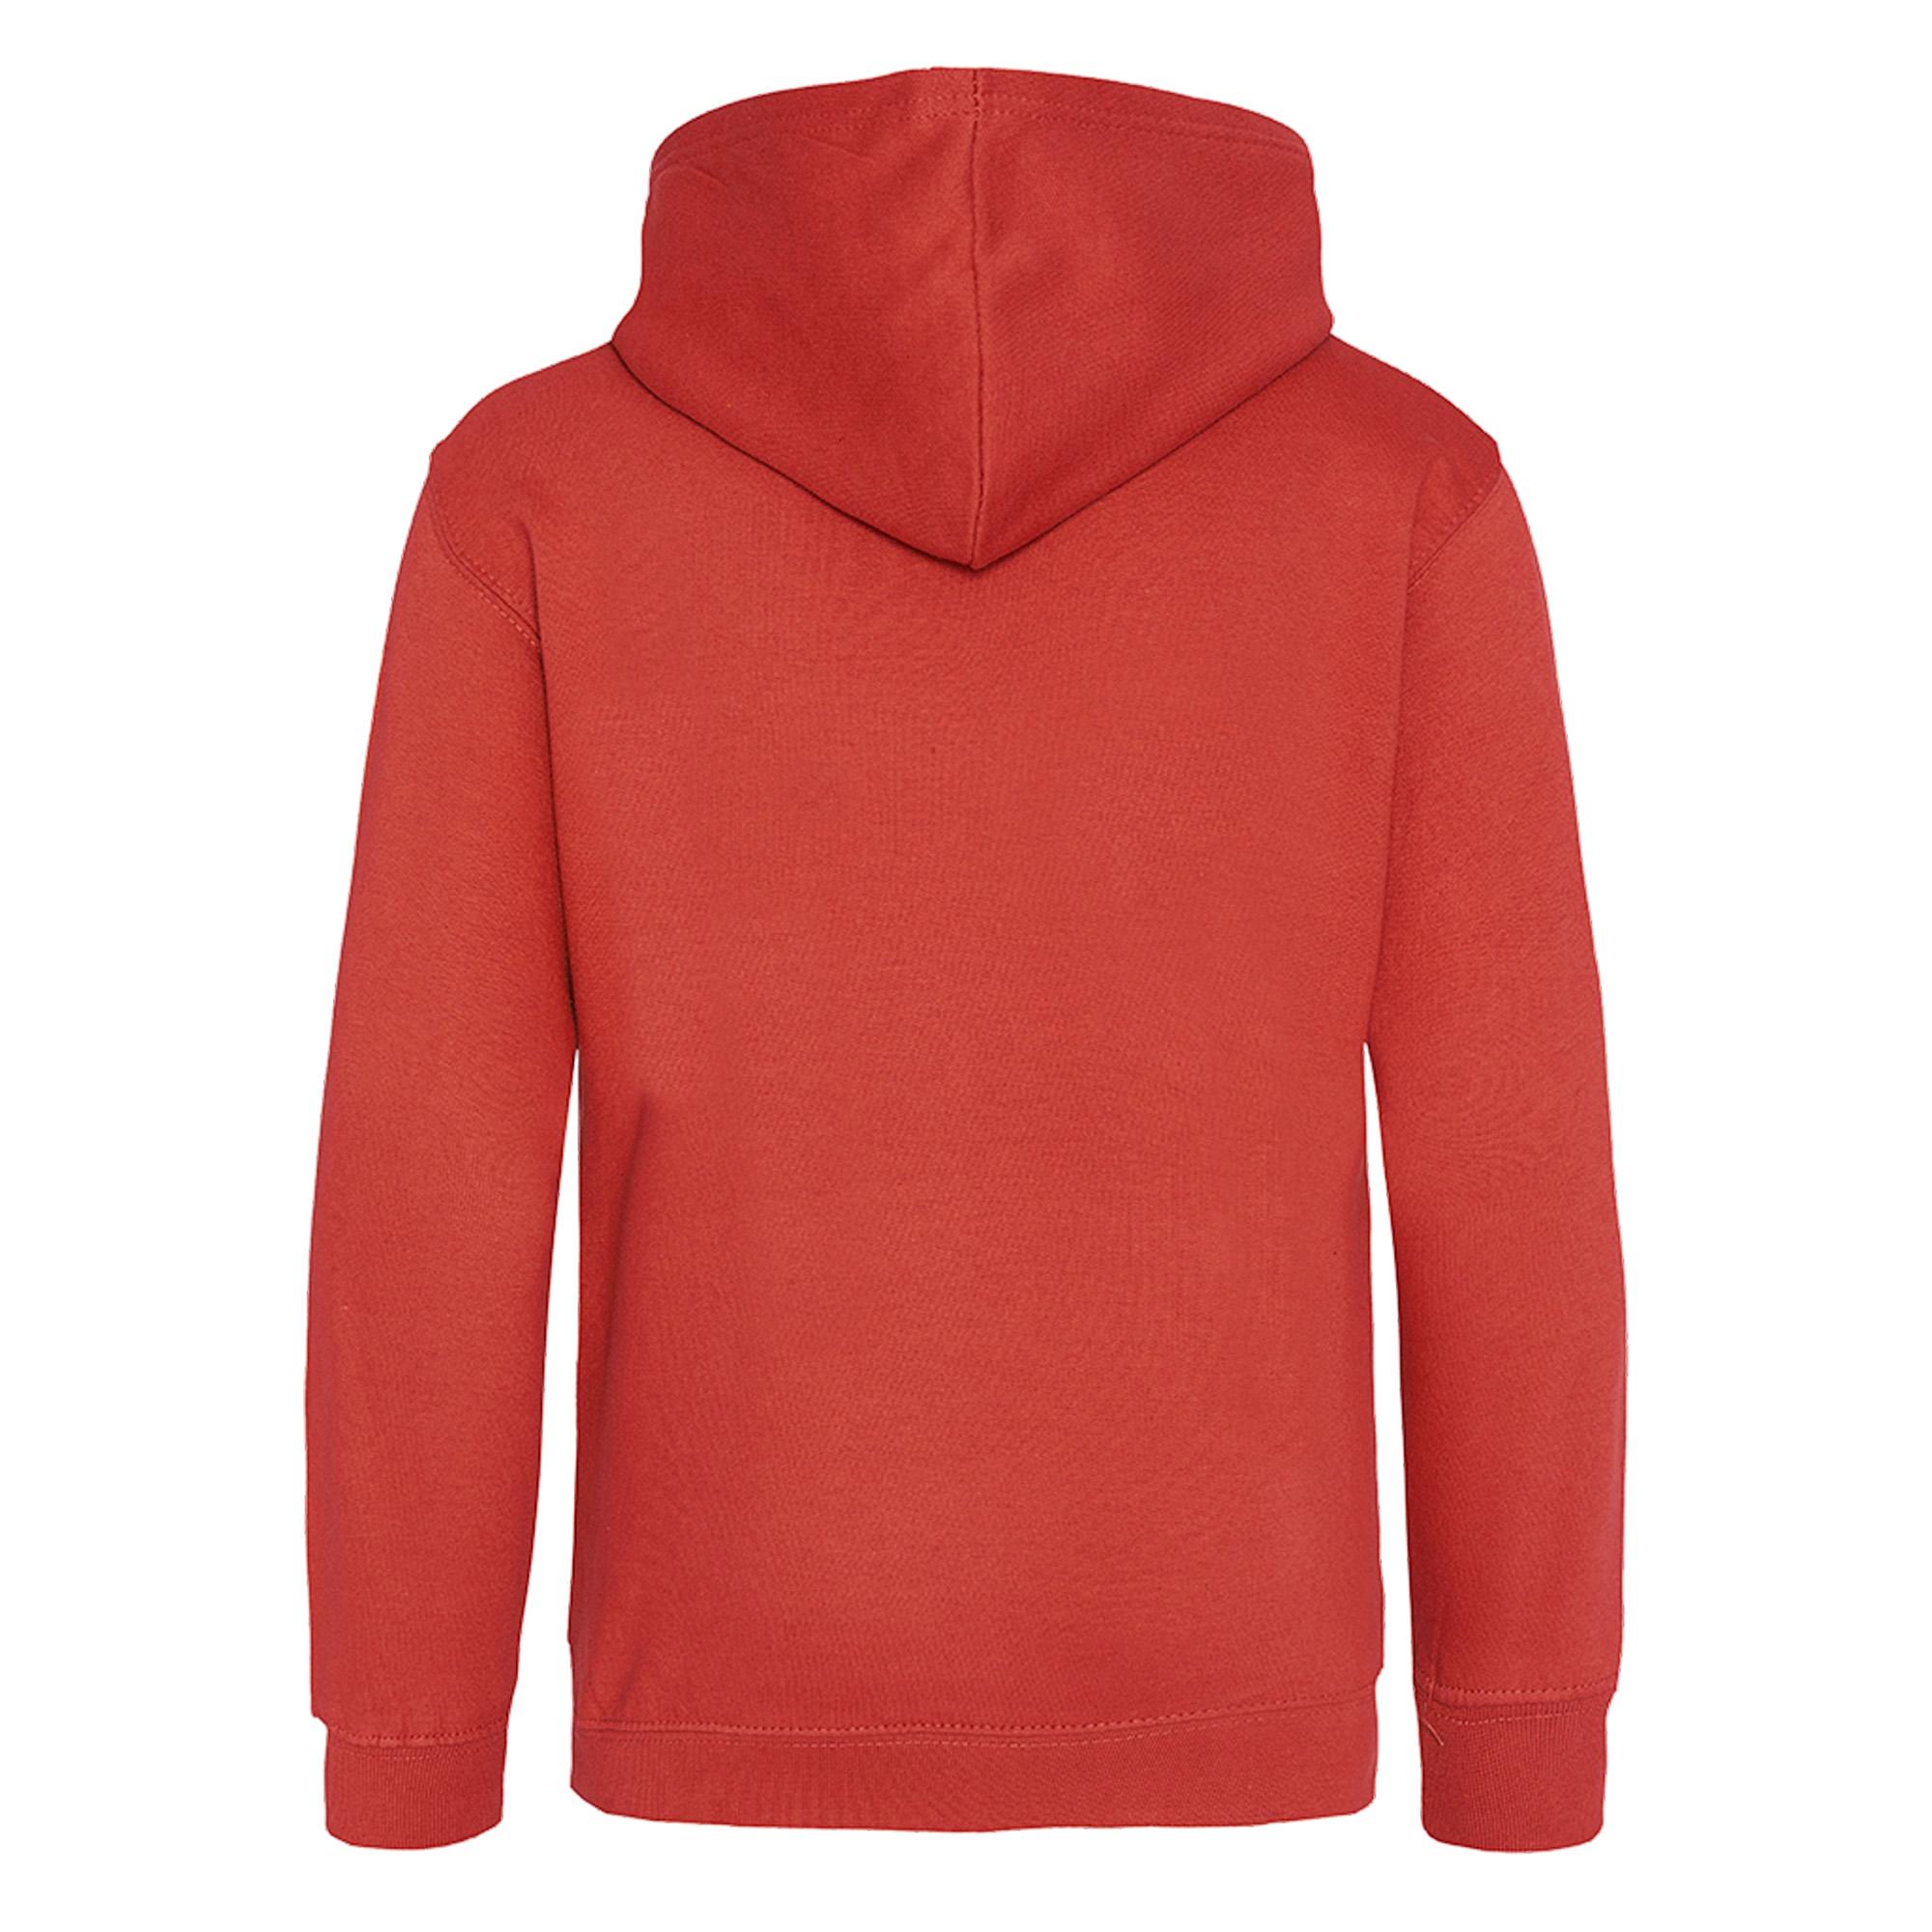 Awdis-Sweatshirt-a-capuche-Enfant-unisexe-3-13-ans-26-couleurs-RW169